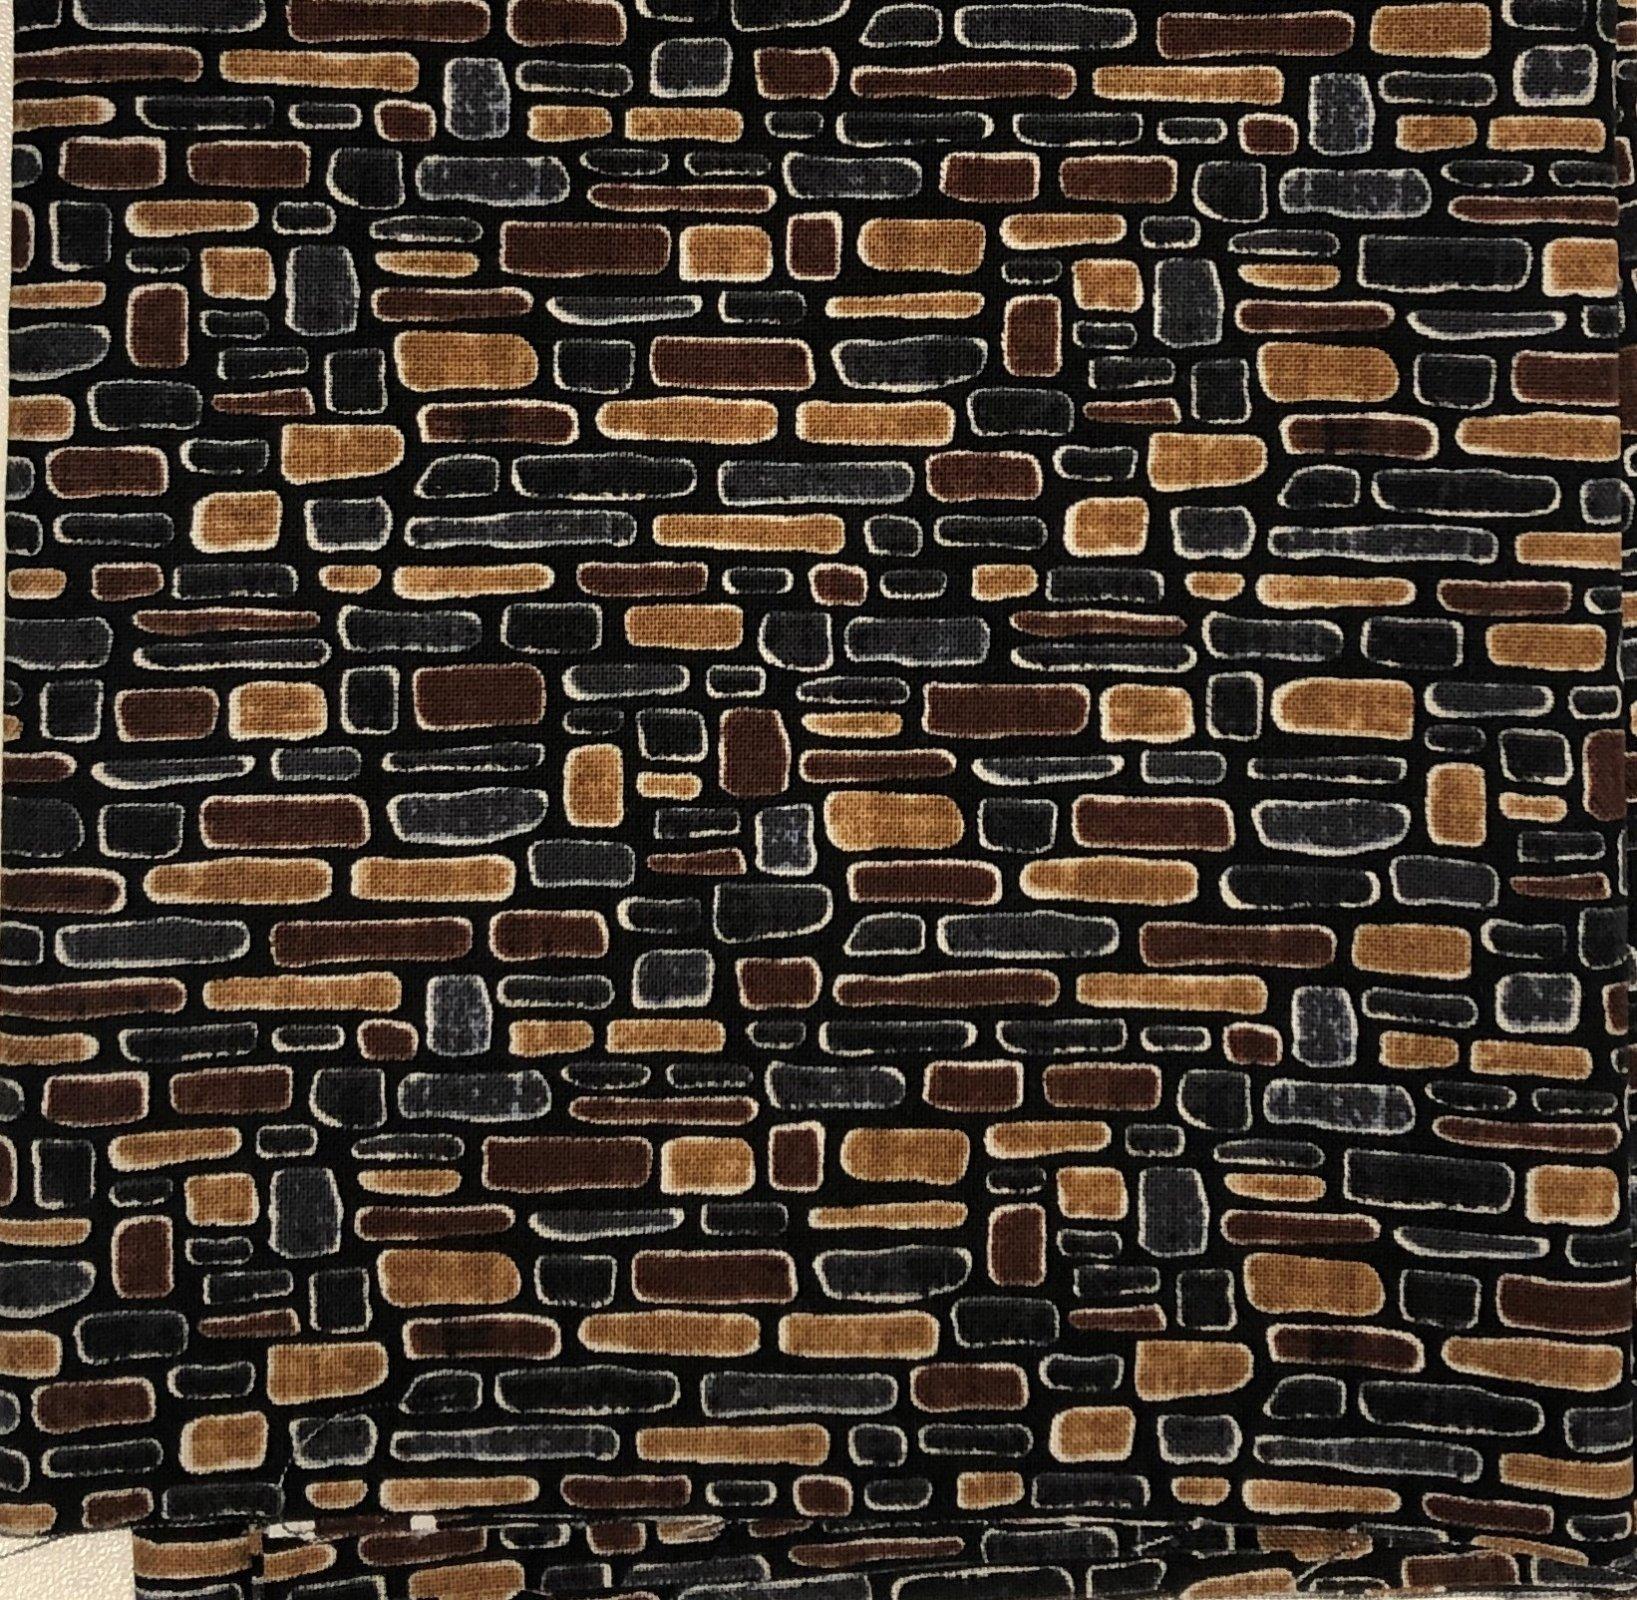 Brown Stone Wall - Fat Quarters 20x22 - FQ015